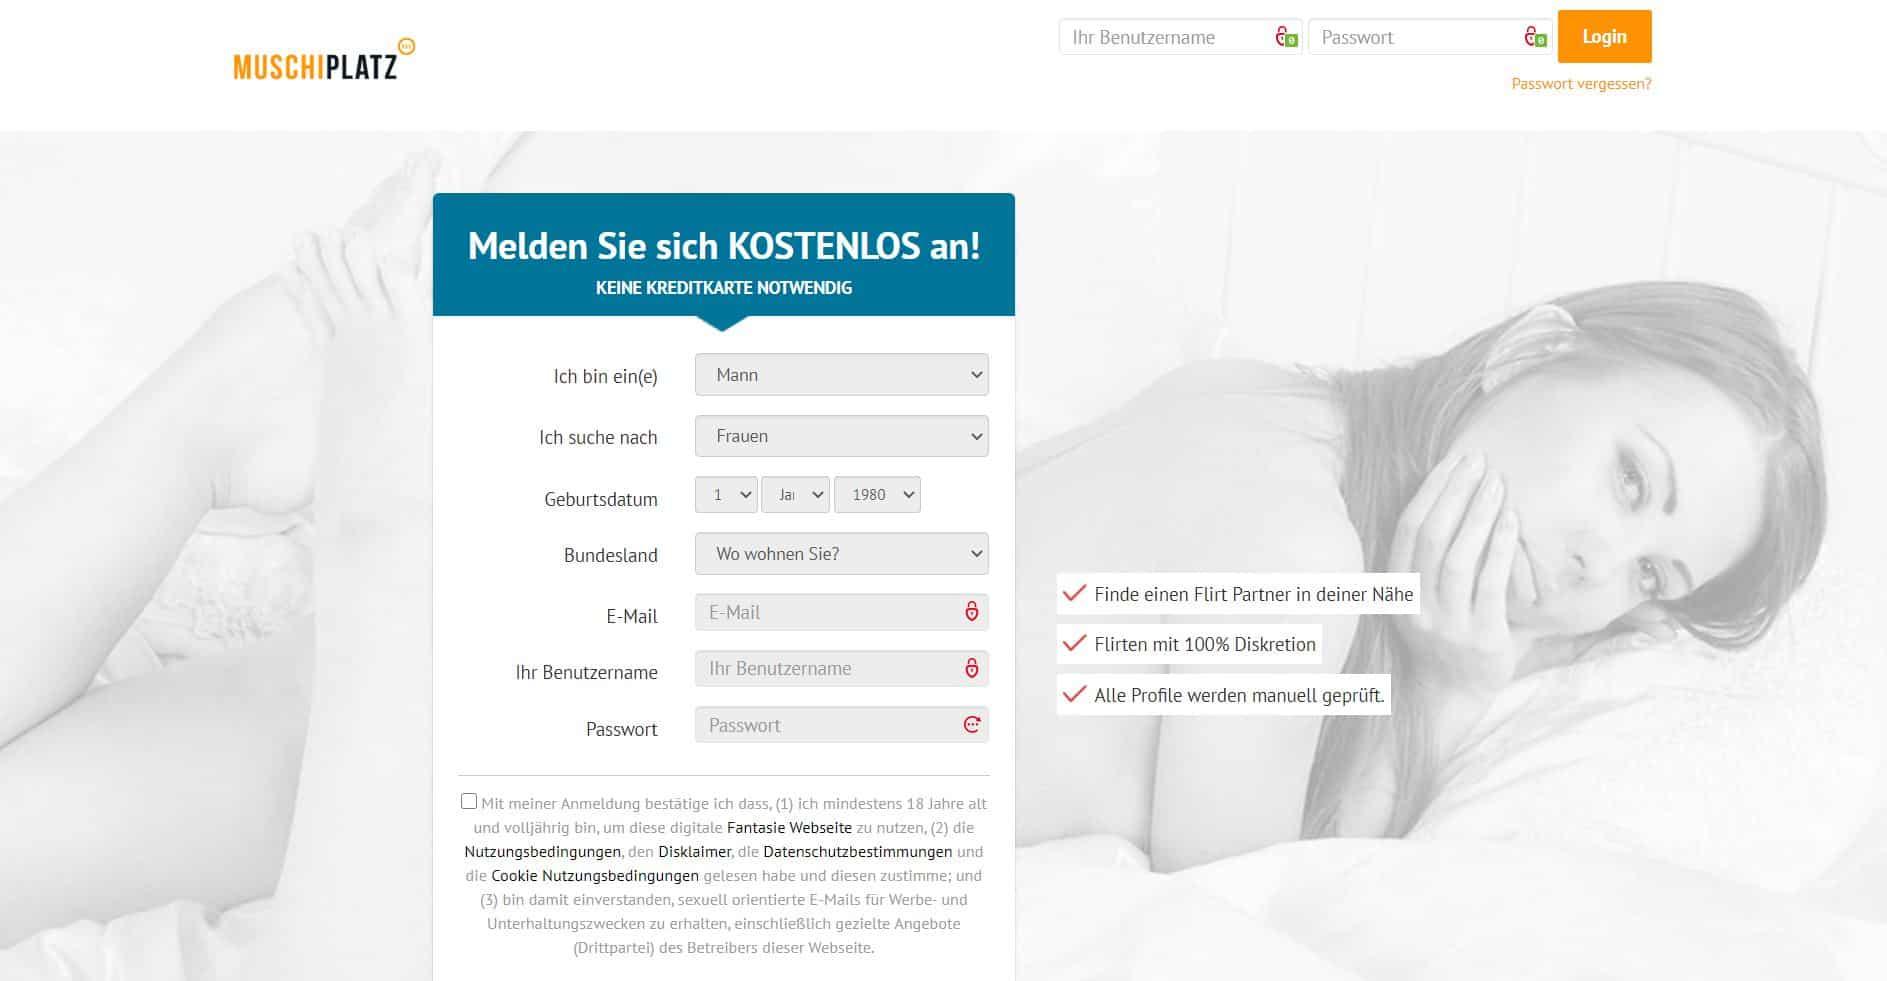 Testbericht - muschiplatz.com Abzocke